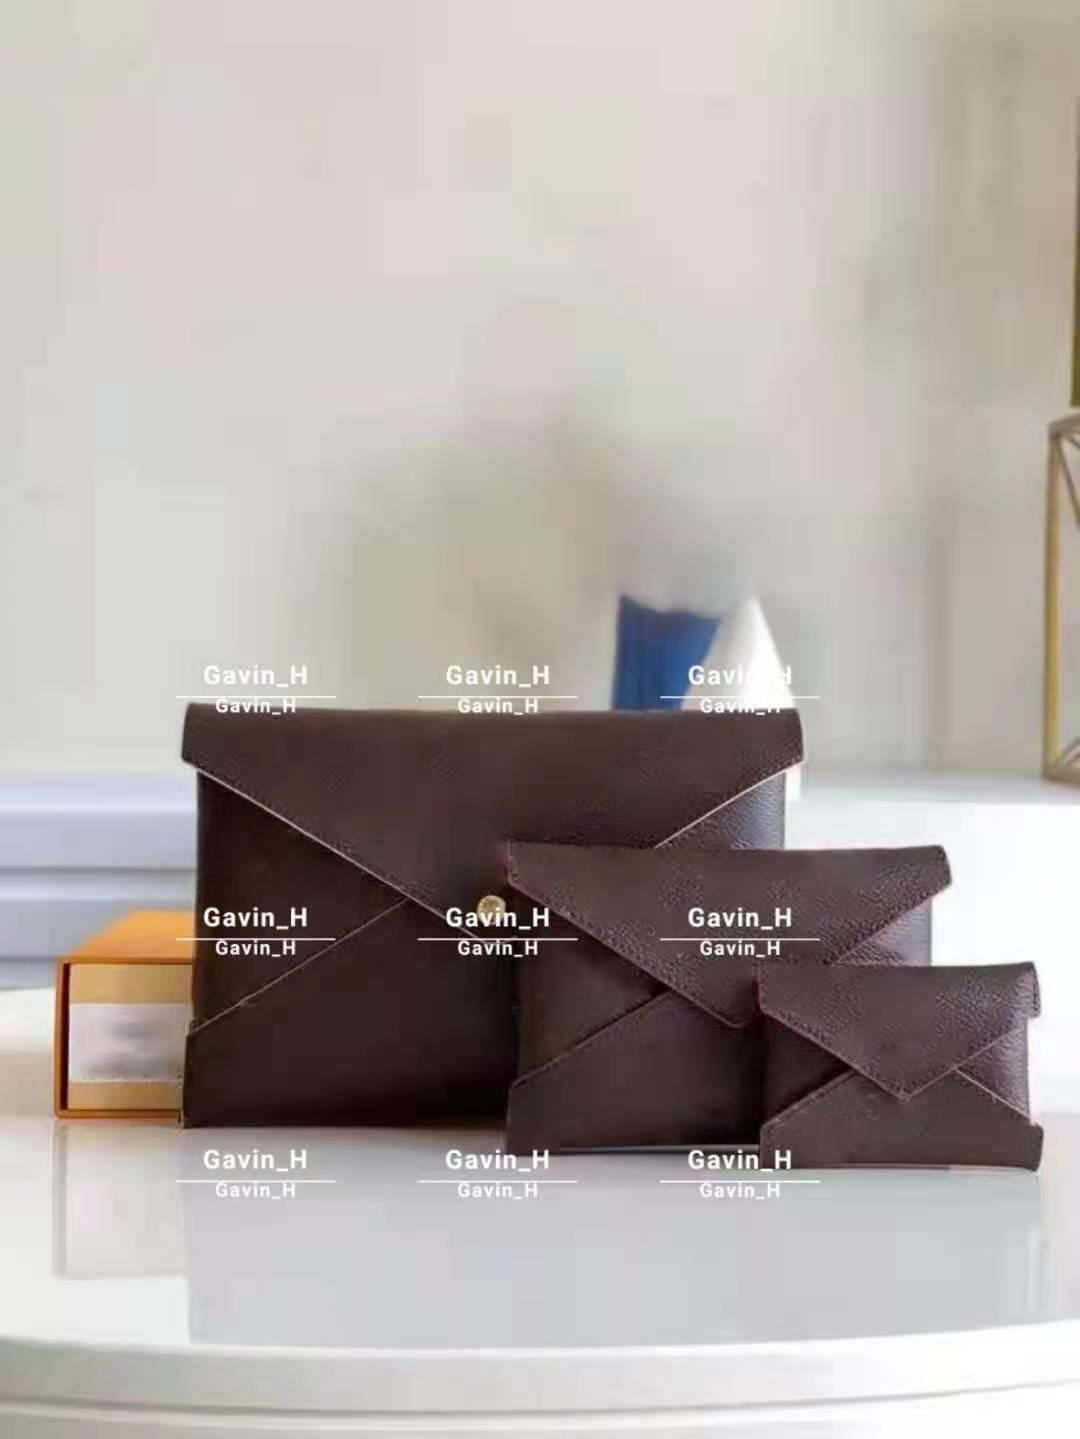 عالية الجودة مصممين حقائب حقائب محفظة 3 مجموعة النساء محافظ حامل بطاقة المحافظ حقيبة تخزين الأزياء مع صندوق